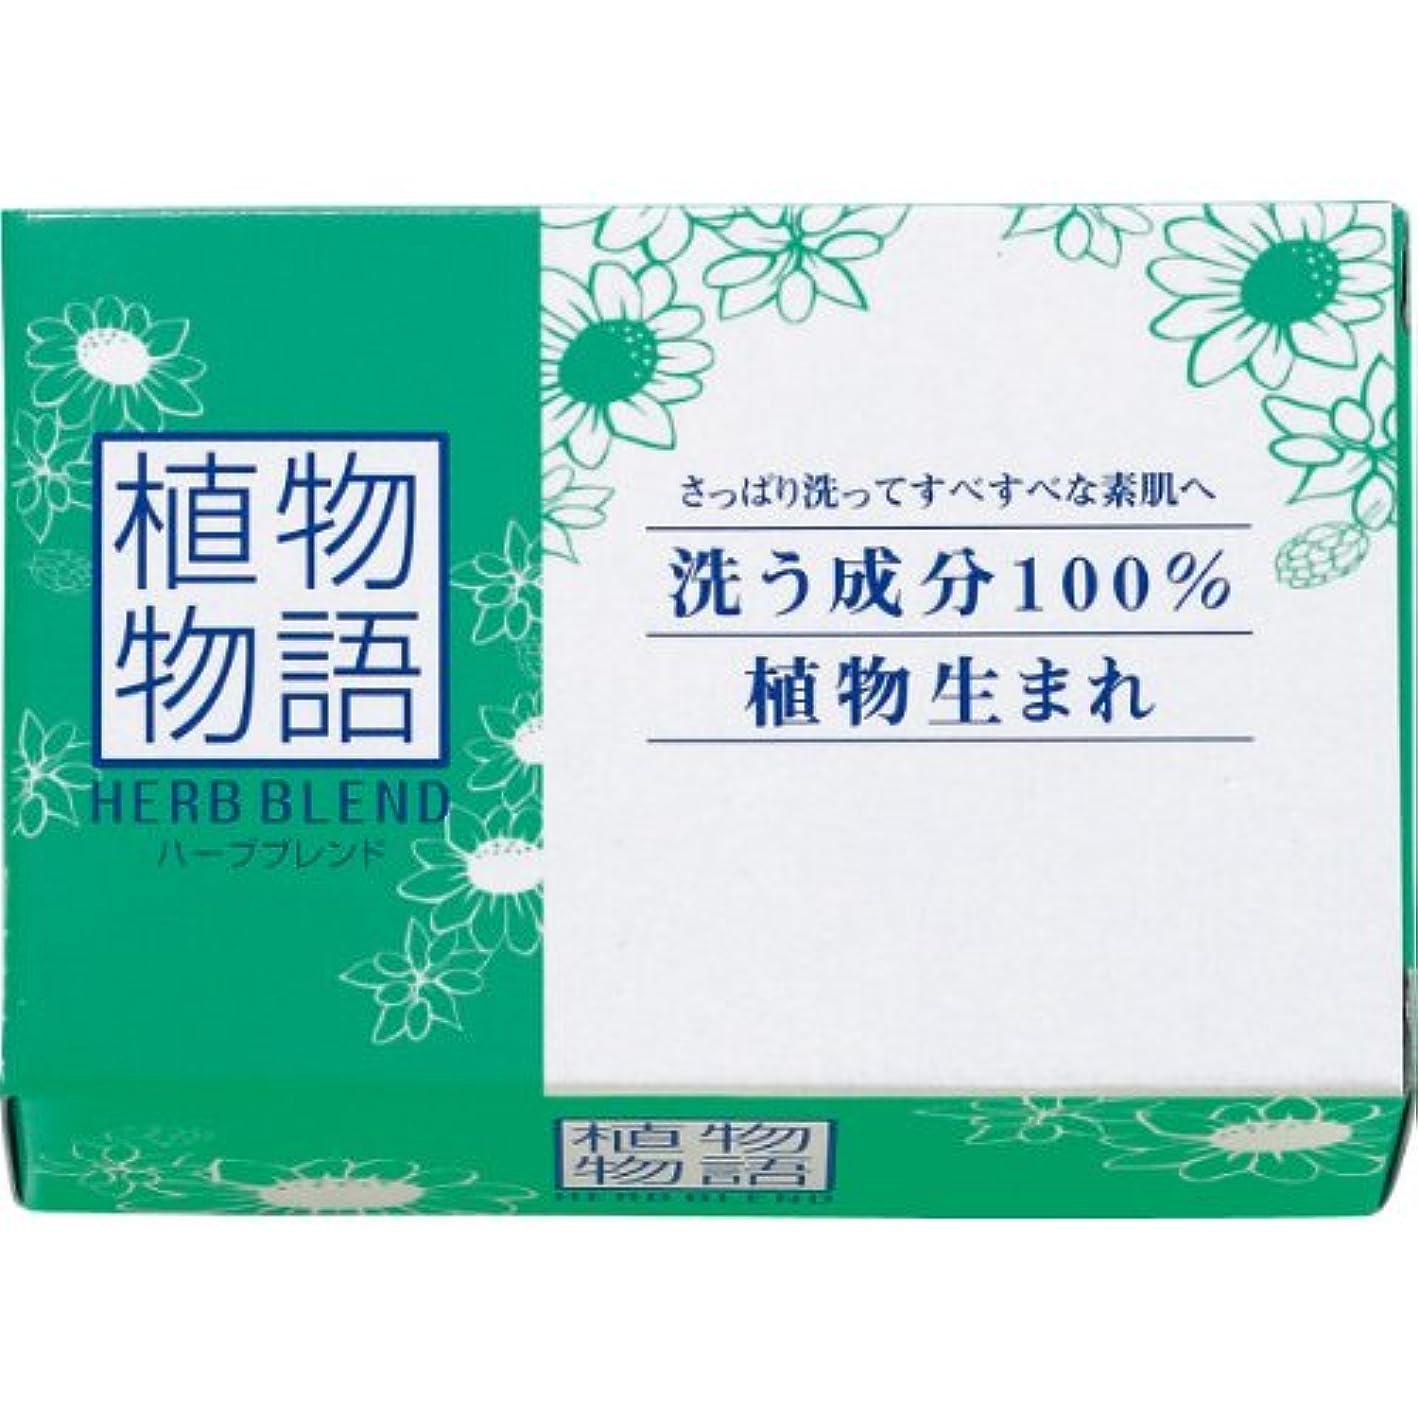 警官廃止比較的【ライオン】植物物語ハーブブレンド 化粧石鹸 80g